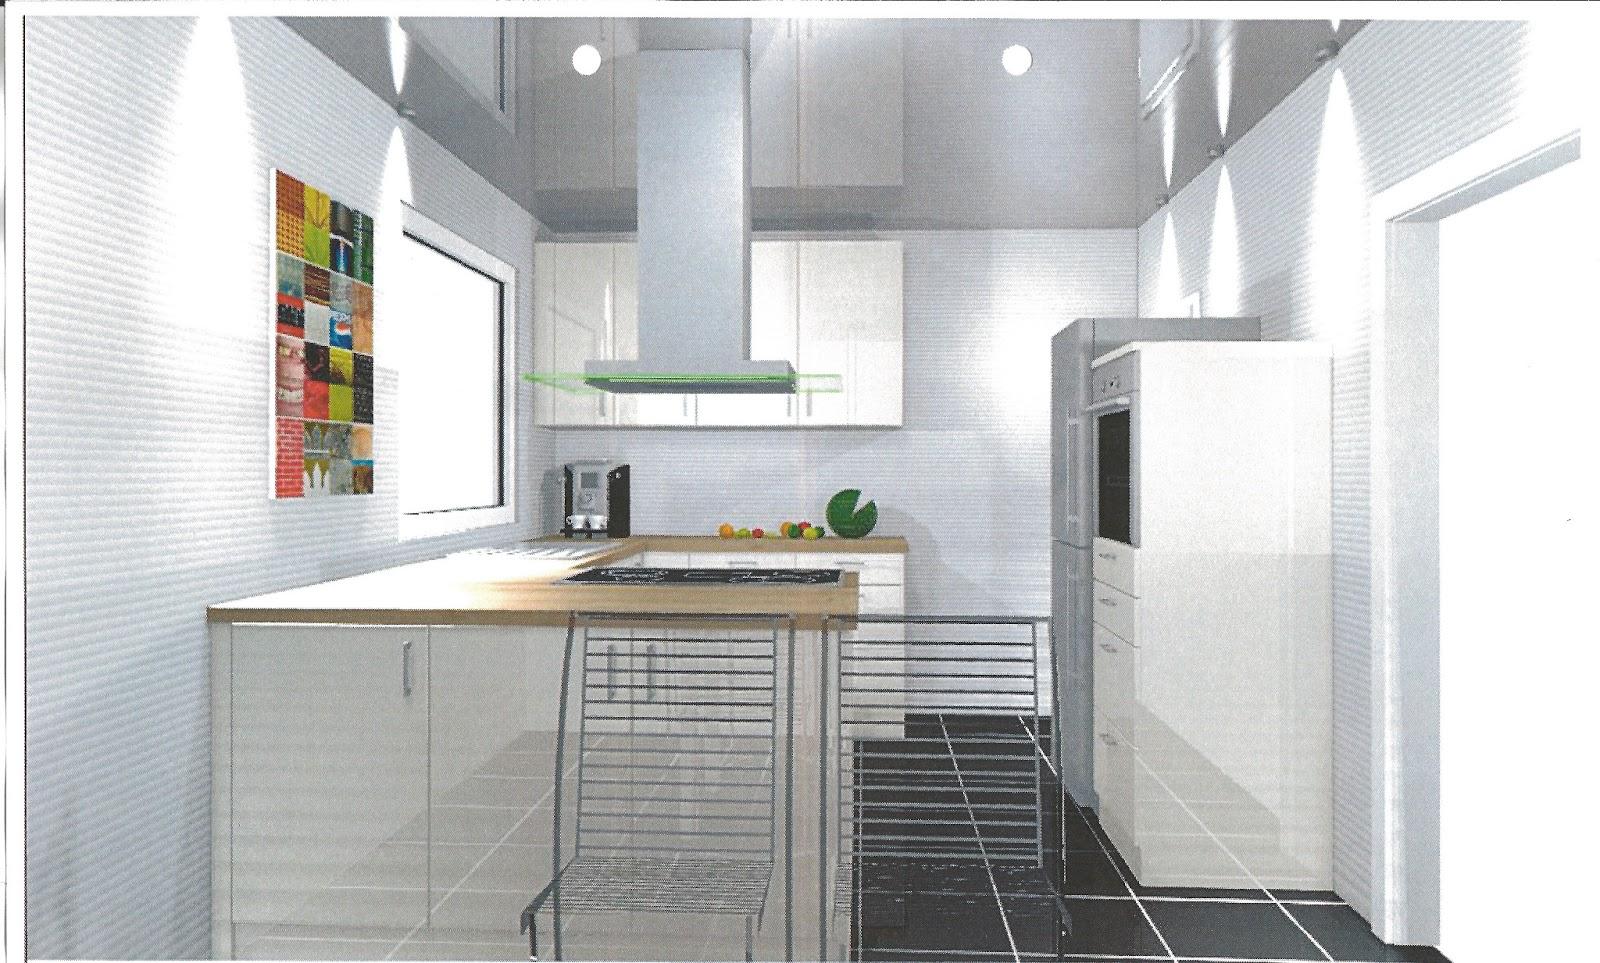 unser traum vom haus wird wirklichkeit ruder k chen hat das rennen gemacht. Black Bedroom Furniture Sets. Home Design Ideas